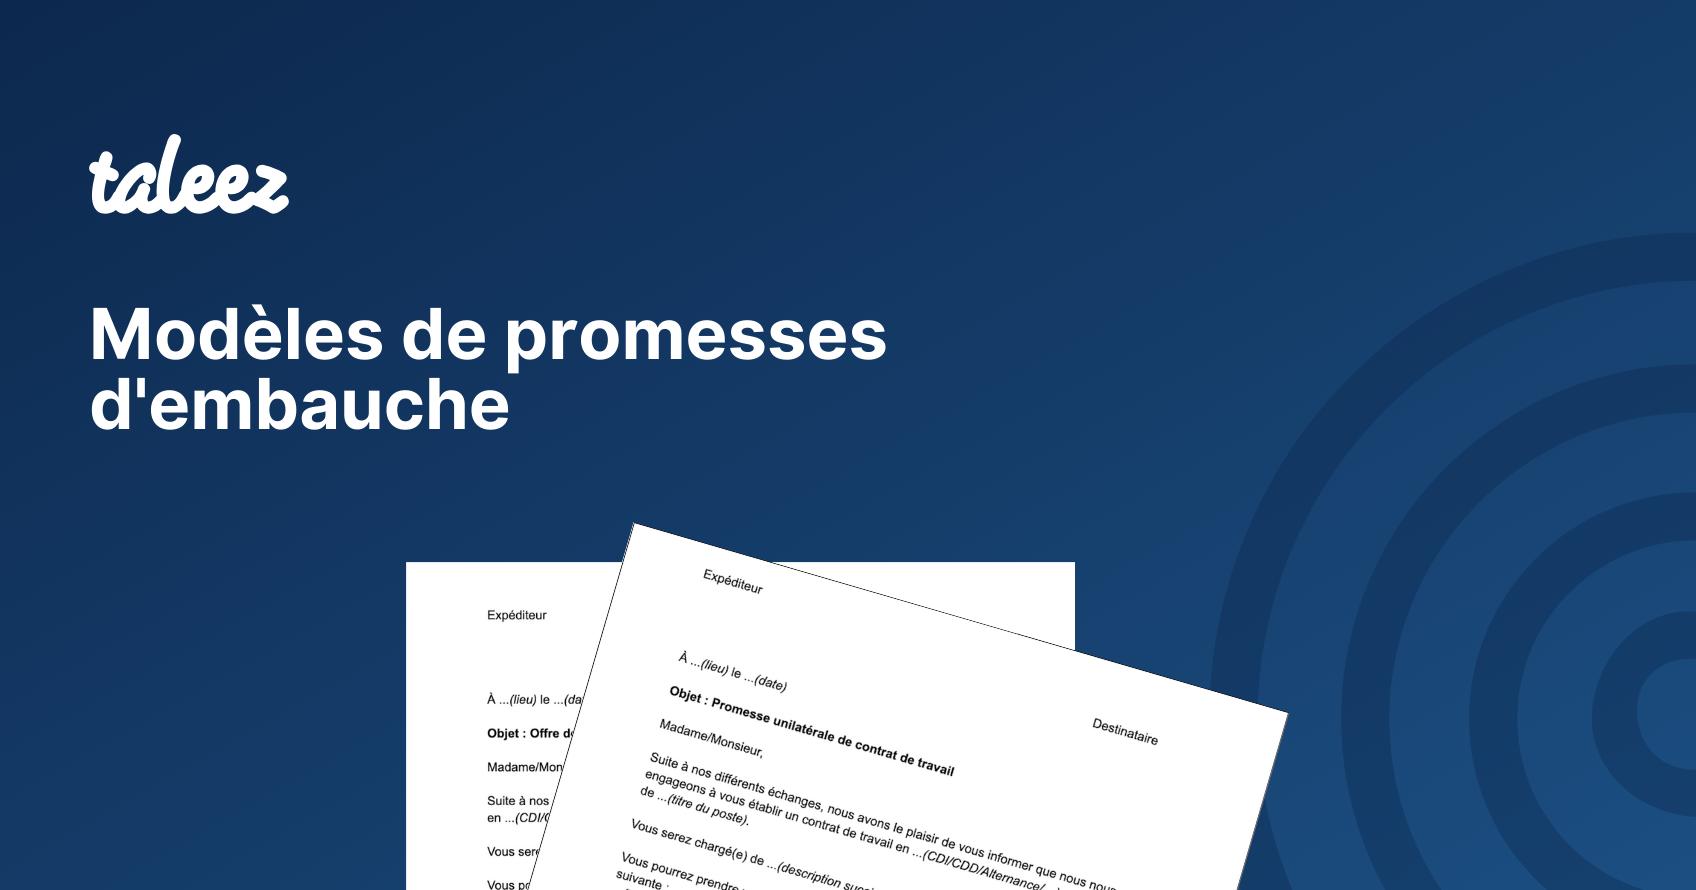 Modeles De Promesse D Embauche A Telecharger